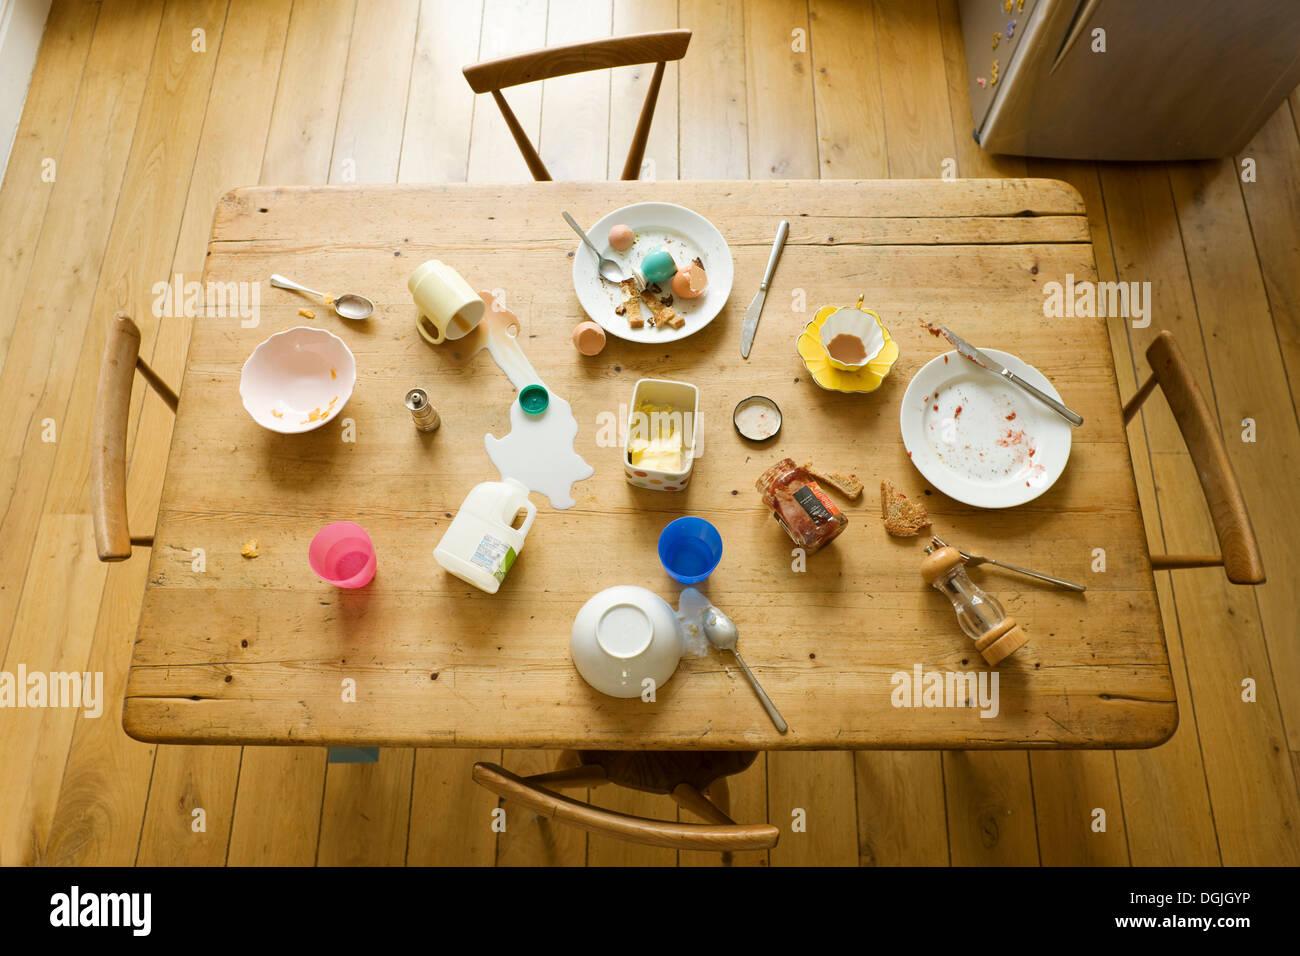 Vista superior da mesa de pequeno-almoço com alimentos consumidos e bagunçados placas Imagens de Stock